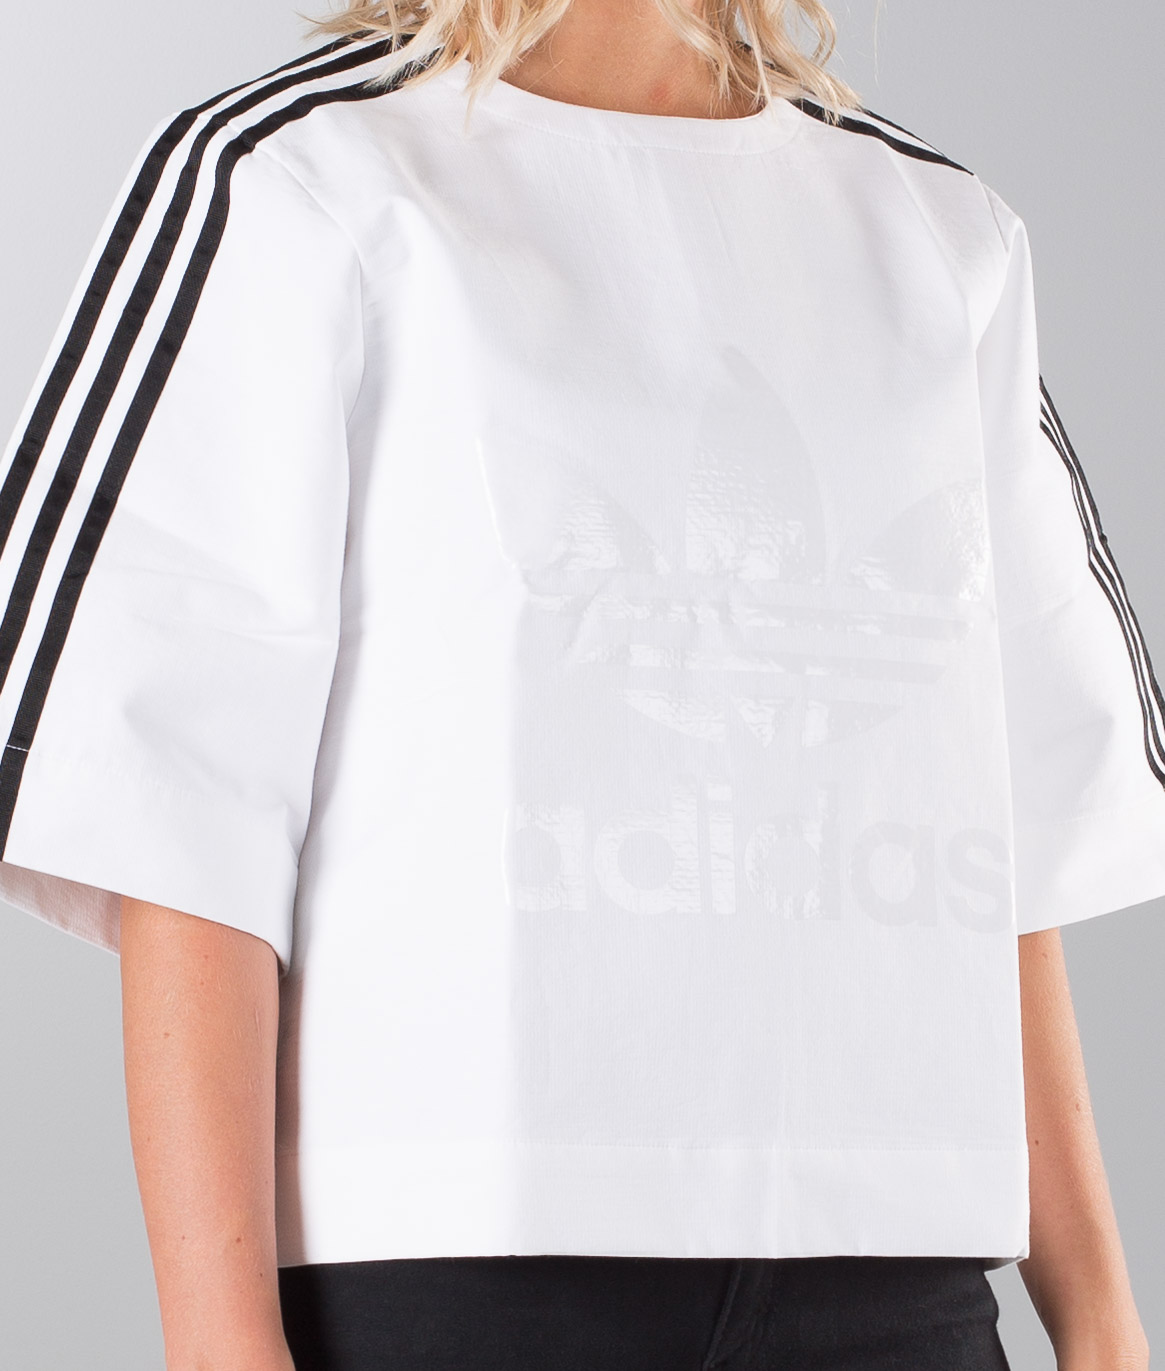 Shirt Originals T ch Adidas White Ridestore 8UzZfqF